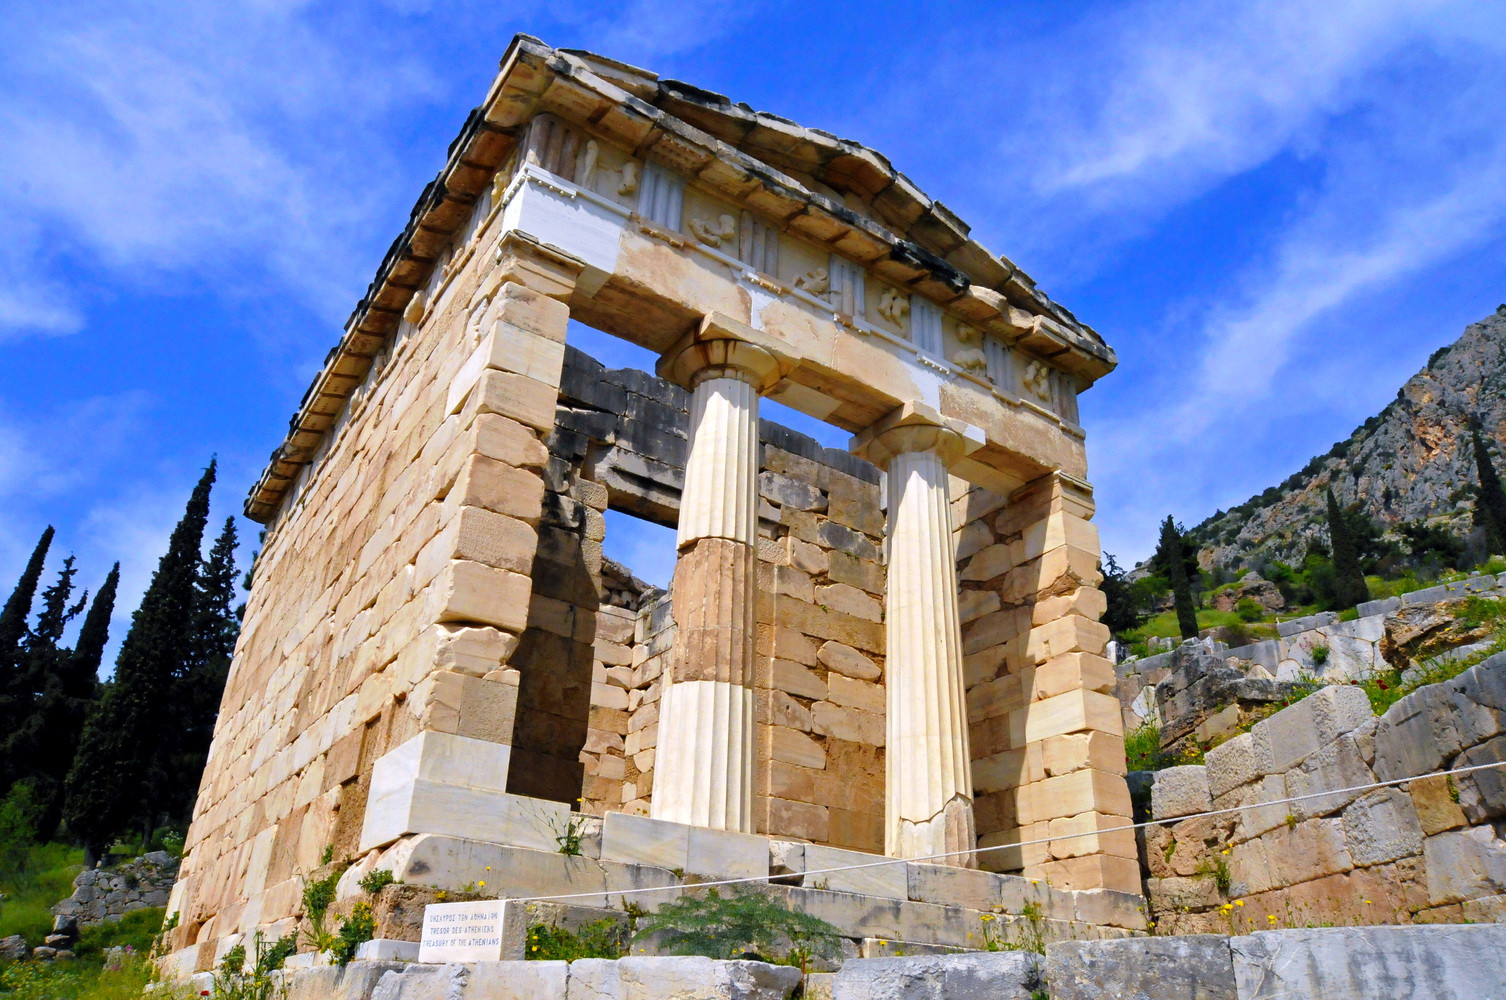 DELPHI SITE / ATHENIAN TREASURY